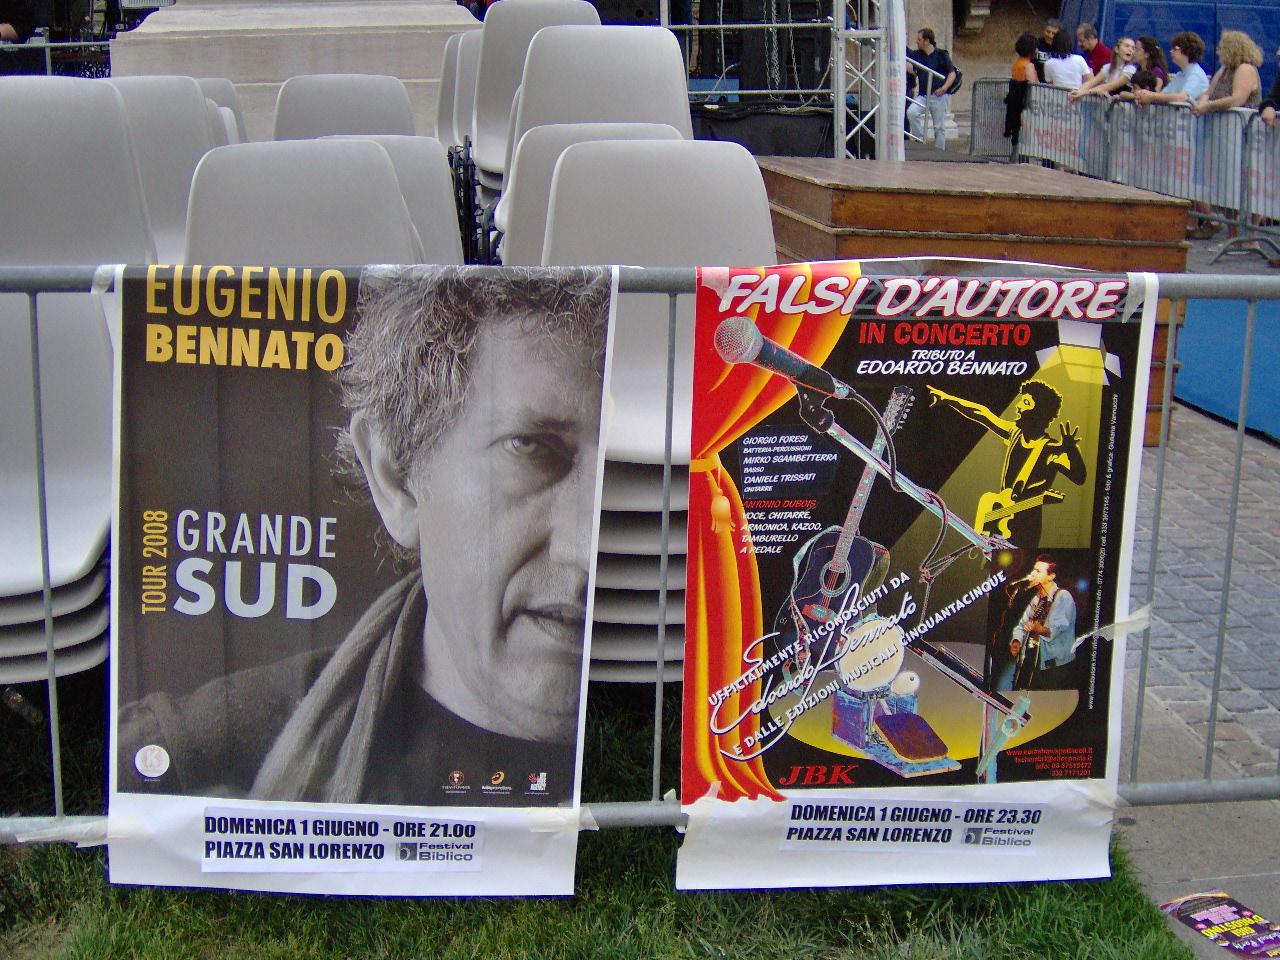 1 giugno 2008: Sotto il palco del Festival Biblico  (VI)